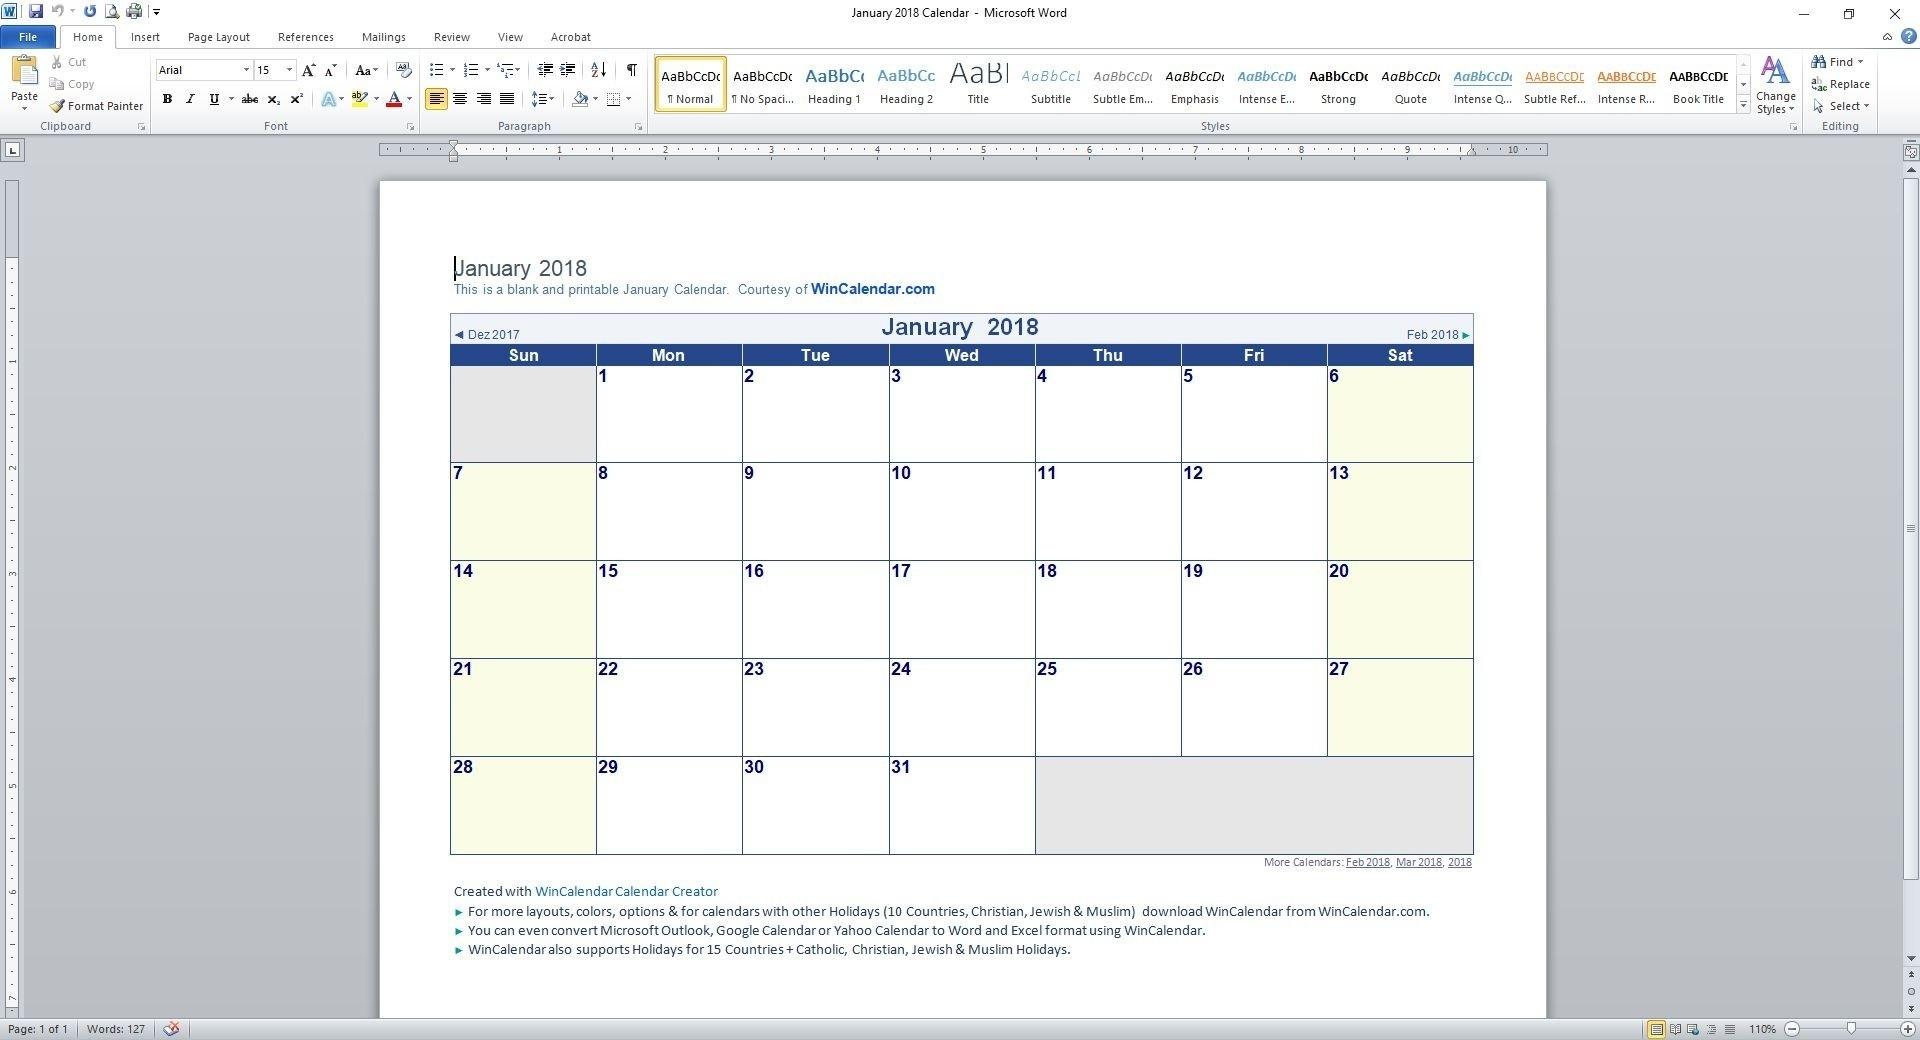 Gujarati Calendar 2019 Pdf Download Más Recientes Calendar 2019 Line India - Calendario 2019 Gujarati Calendar 2021 November